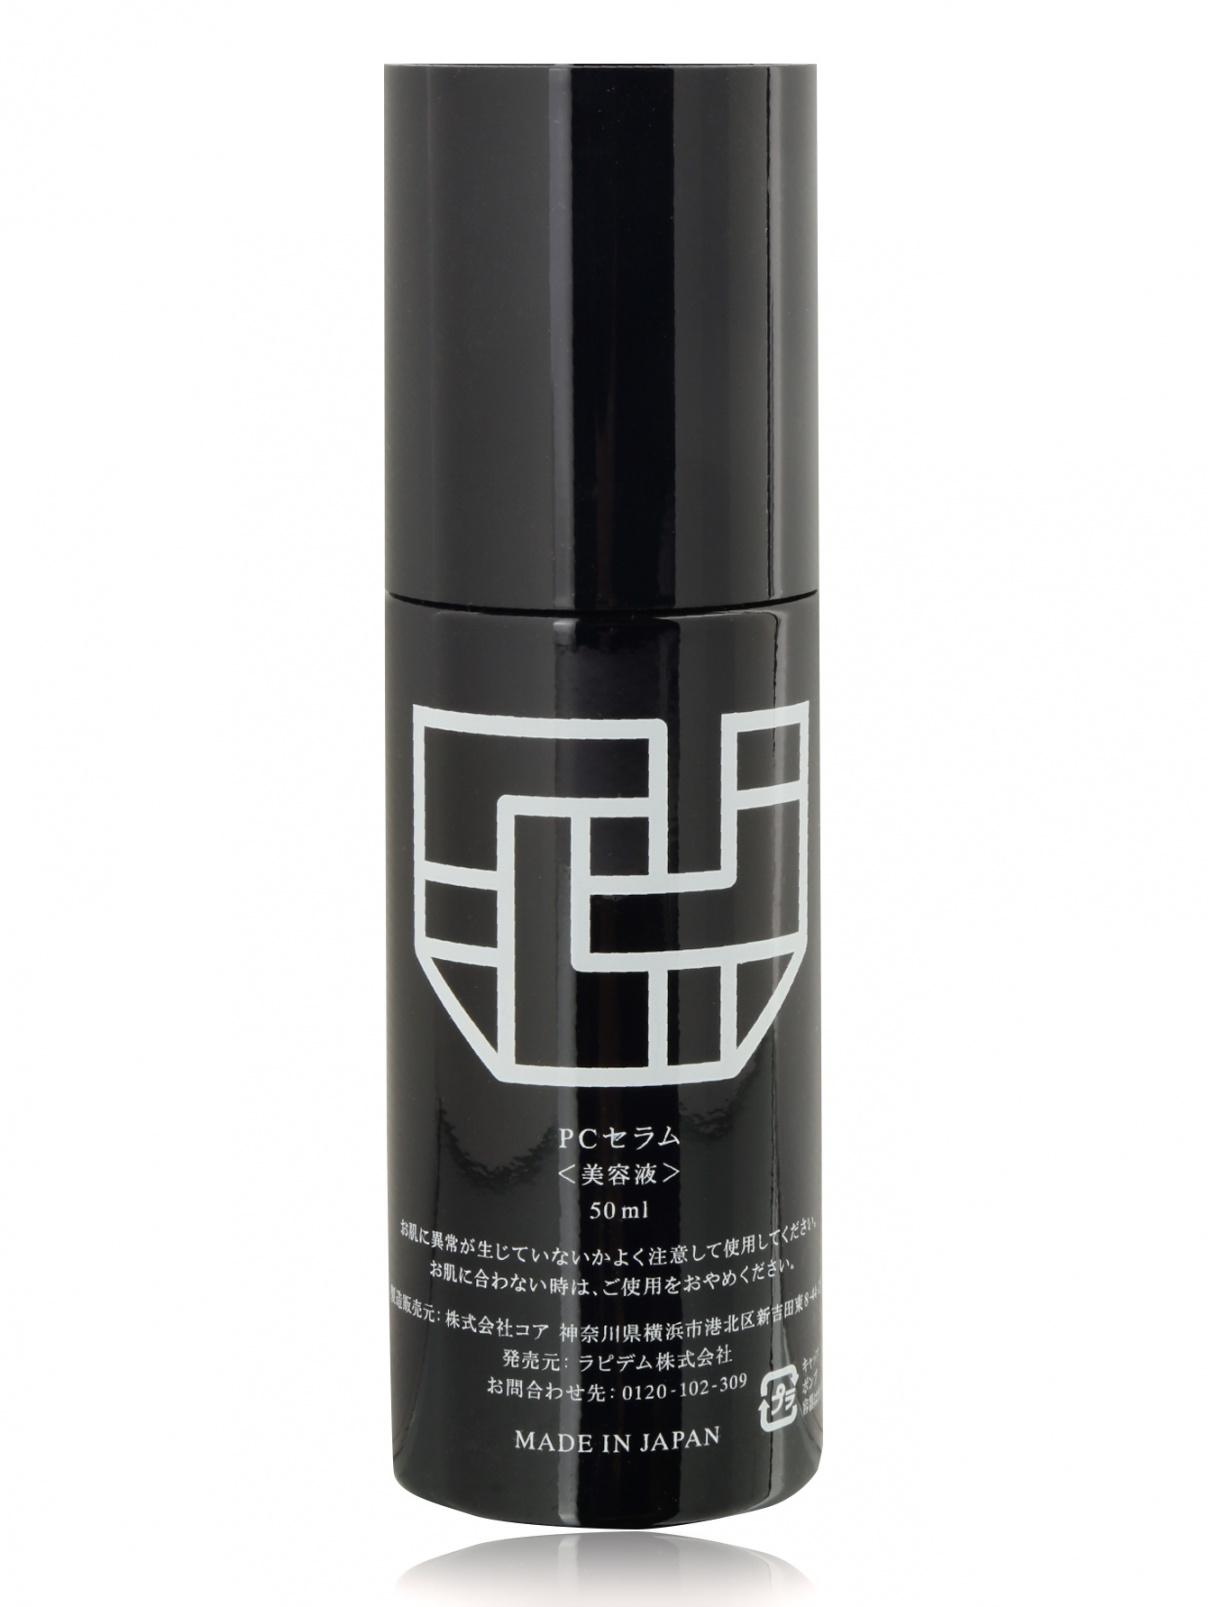 Восстанавливающая сыворотка  с витамином C 50 мл Relent Cosmetics Relent Cosmetics  –  Общий вид